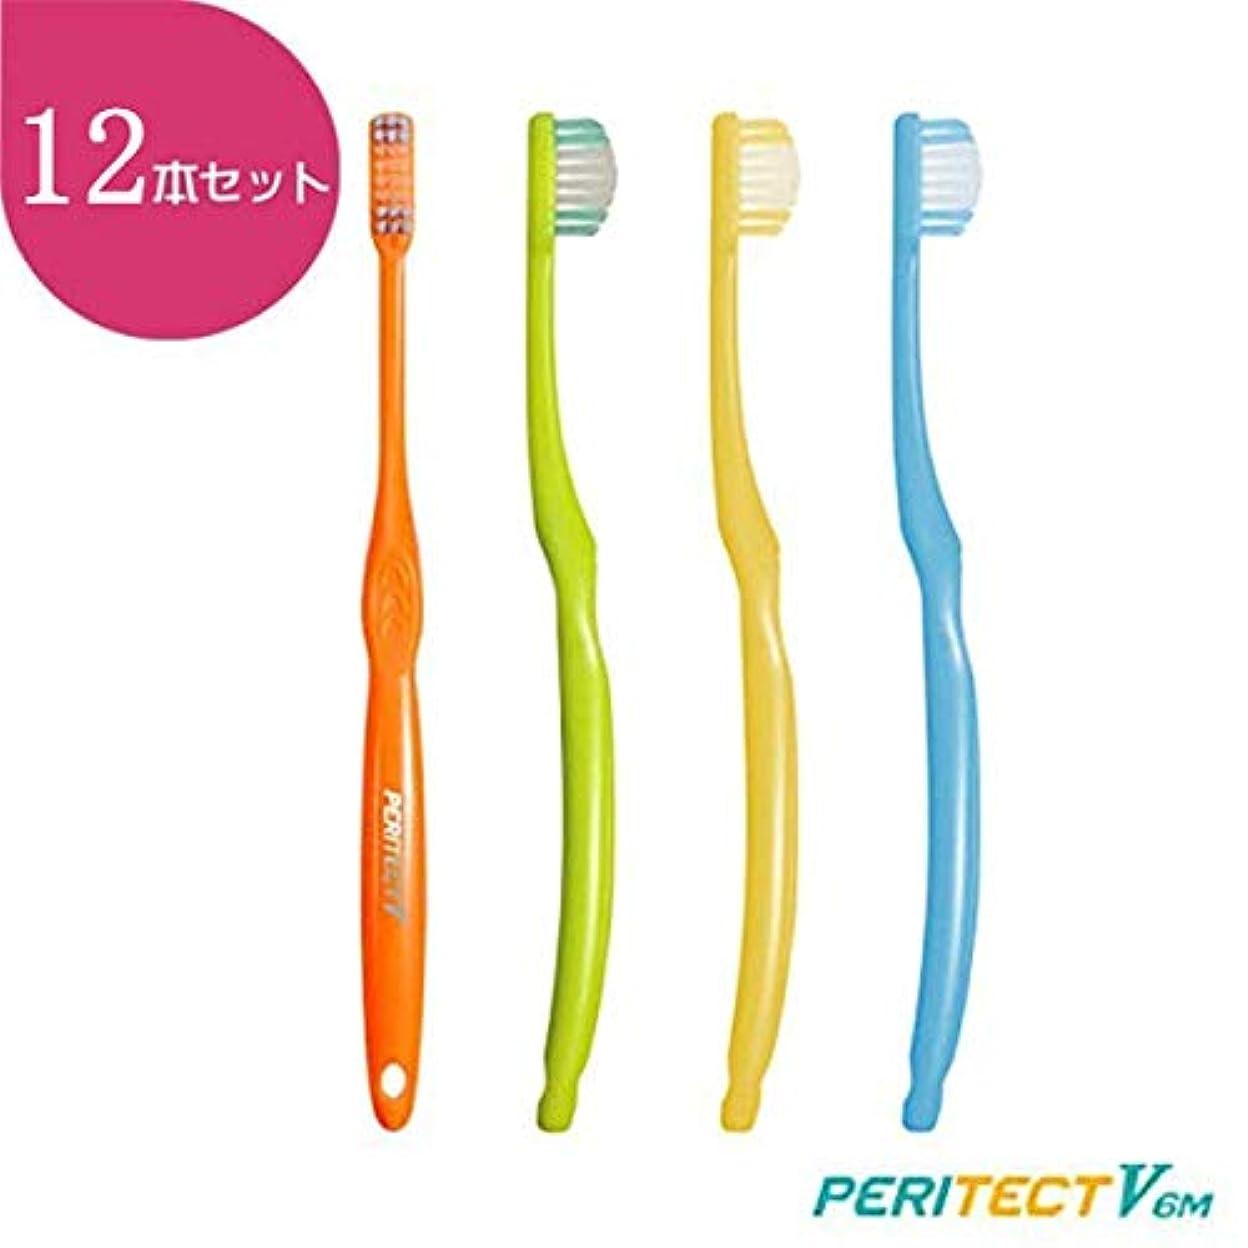 画面ファンネルウェブスパイダー修正ビーブランド PERITECT V ペリテクト ブイ 6M(やわらかめ)×12本 歯ブラシ 歯科専売品